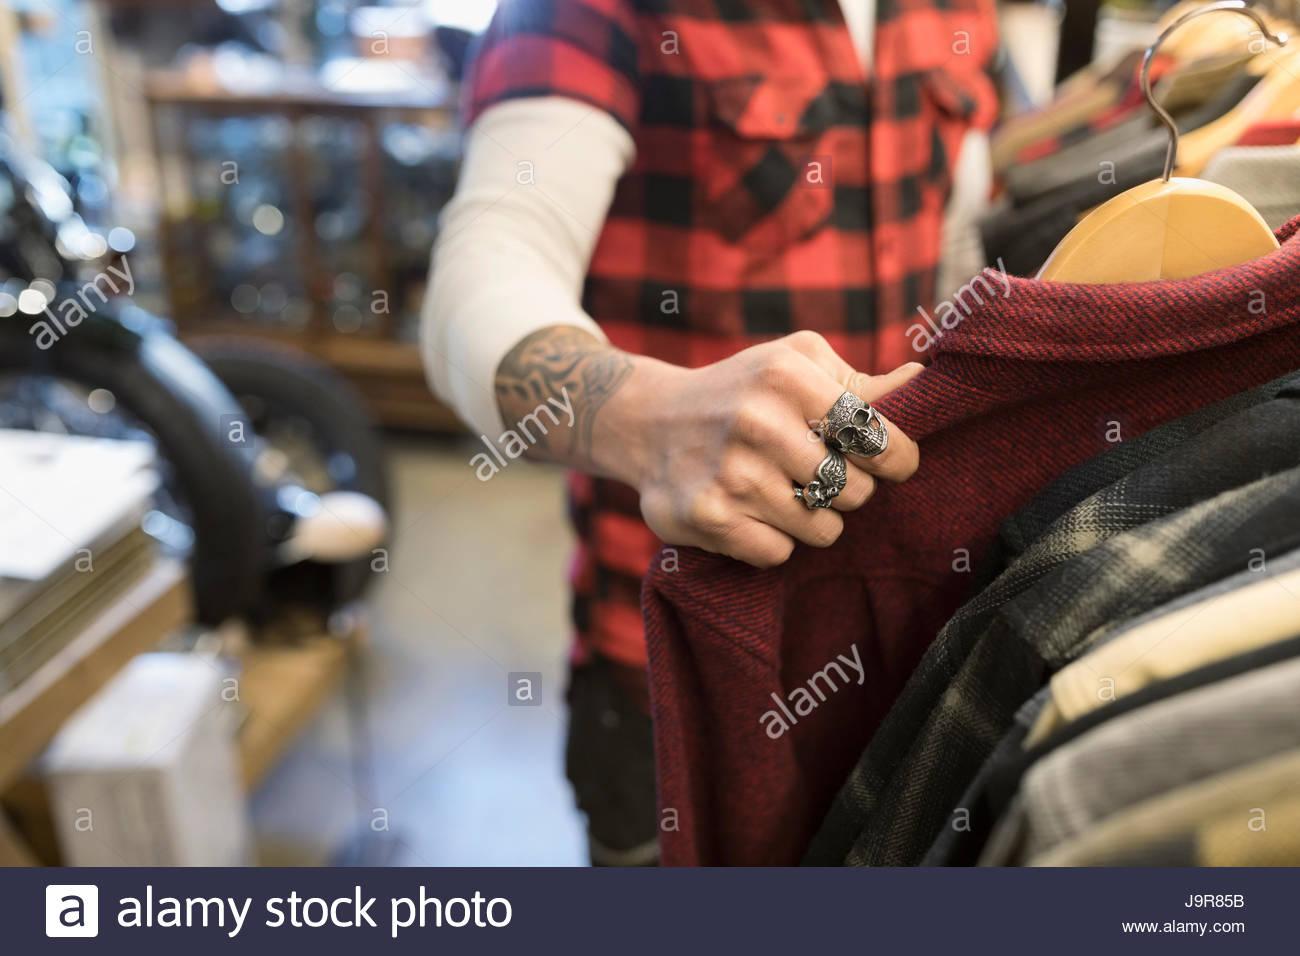 Cliente masculino con tatuaje y anillos de compras, navegando en la ropa en la tienda Imagen De Stock